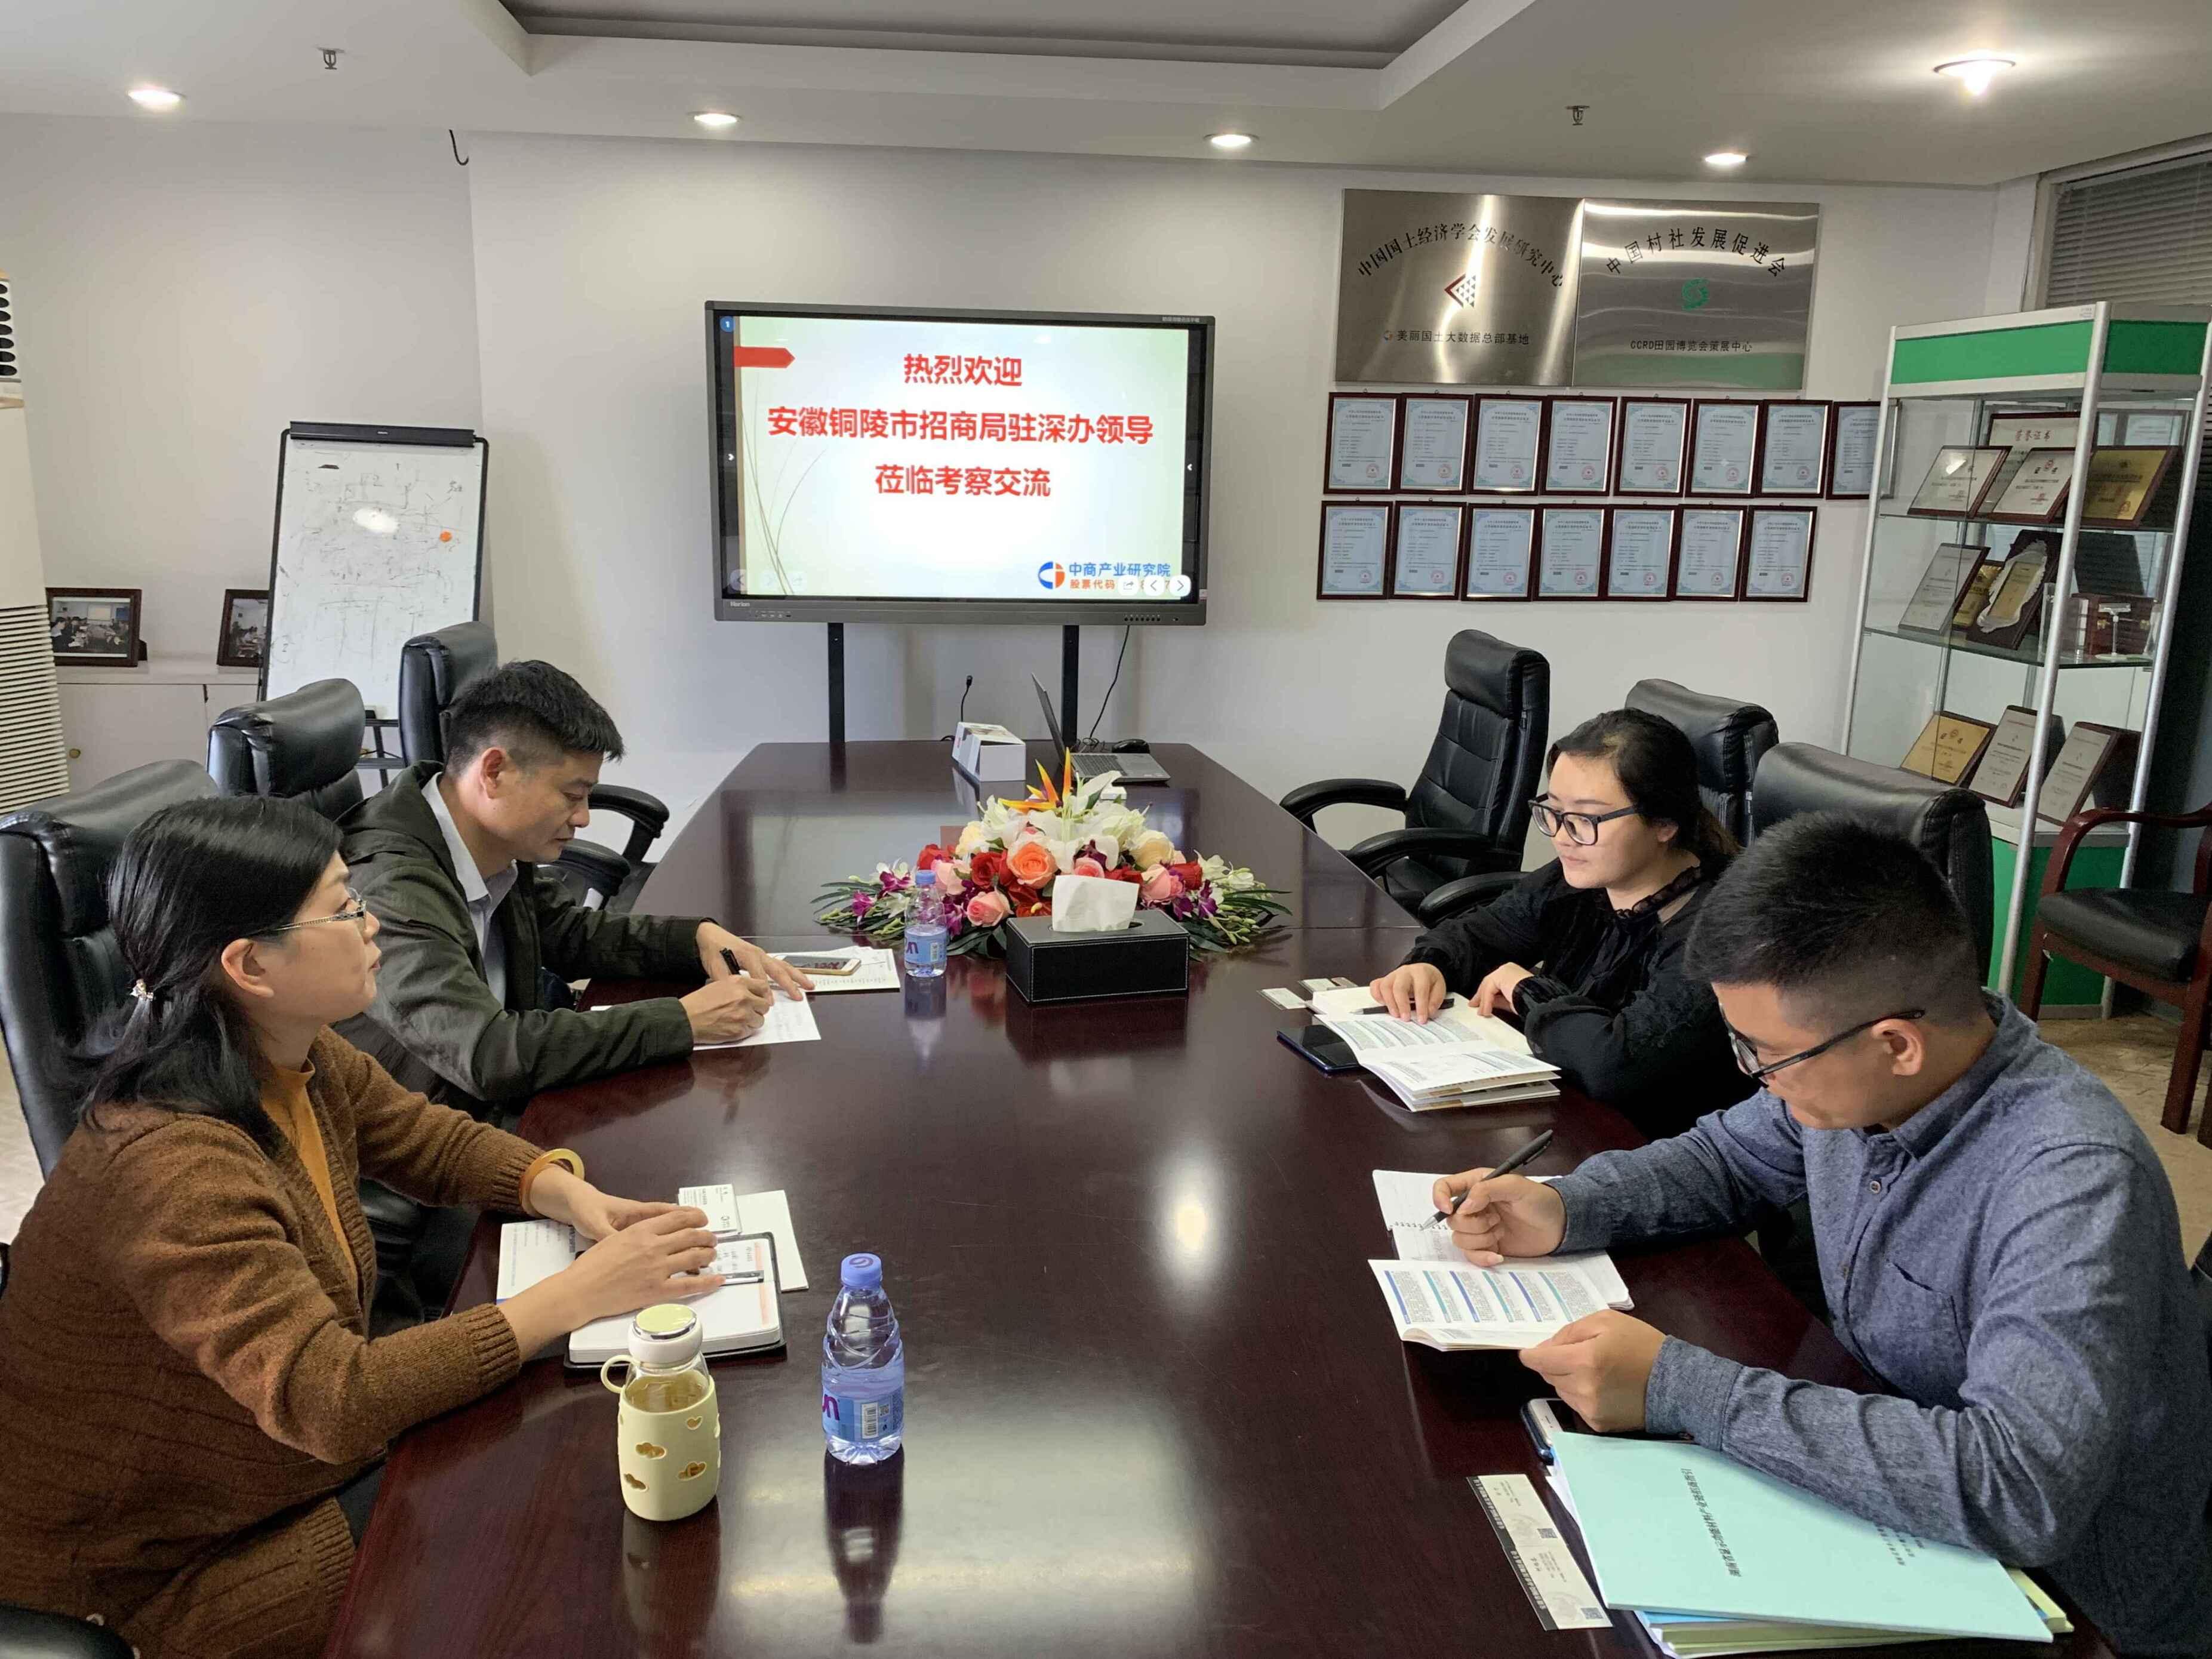 安徽省铜陵市招商局驻深办来访中商产业研究院